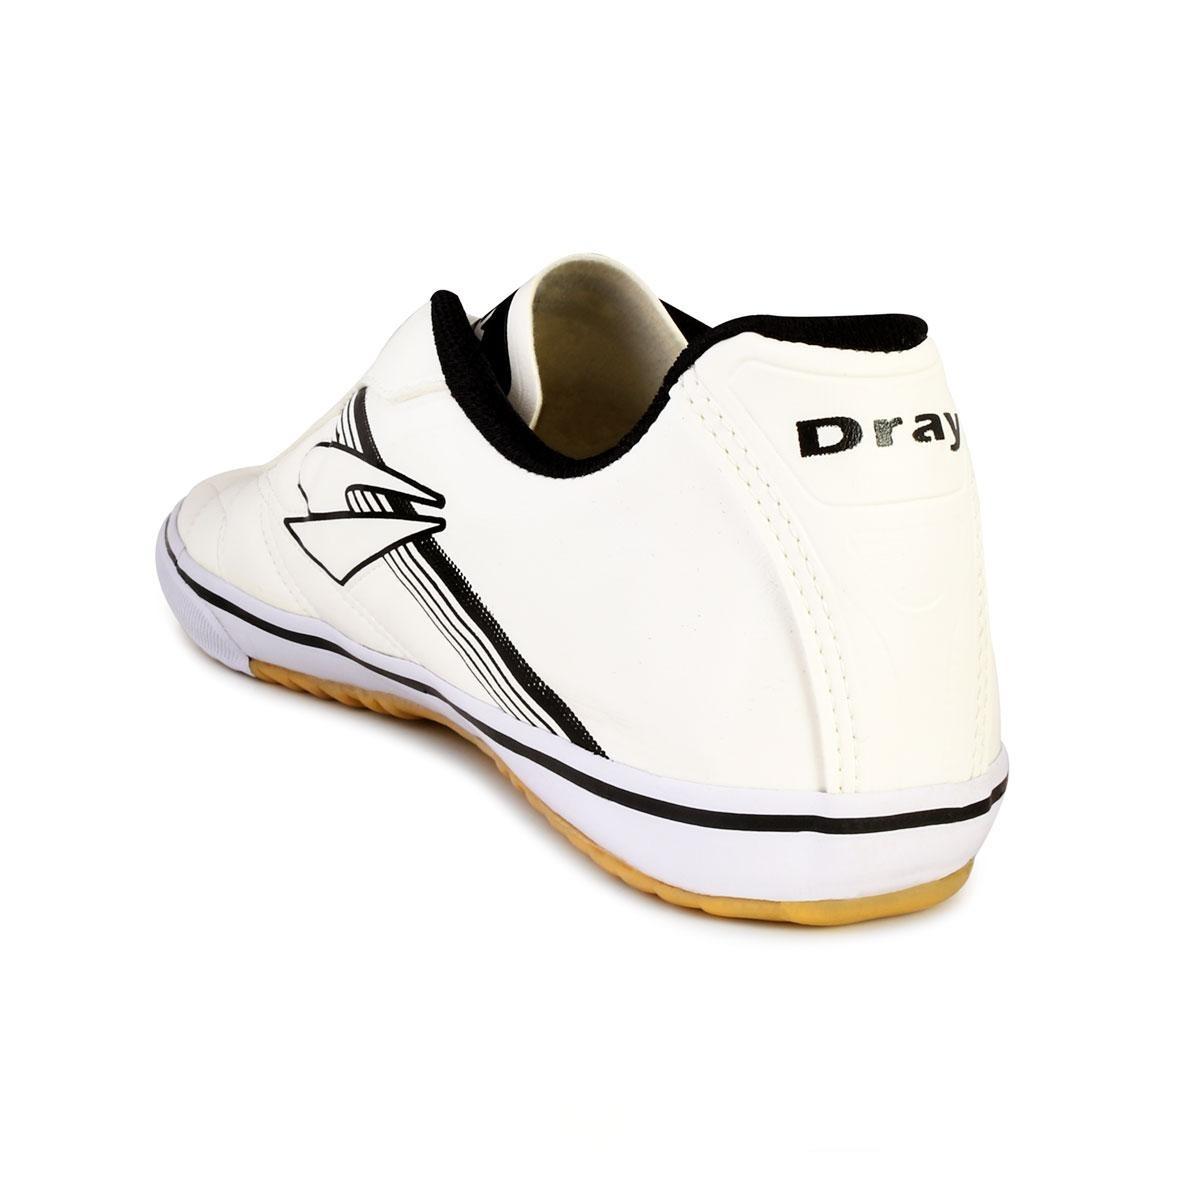 567b6121dd chuteira futsal dray dr18-851. Carregando zoom.